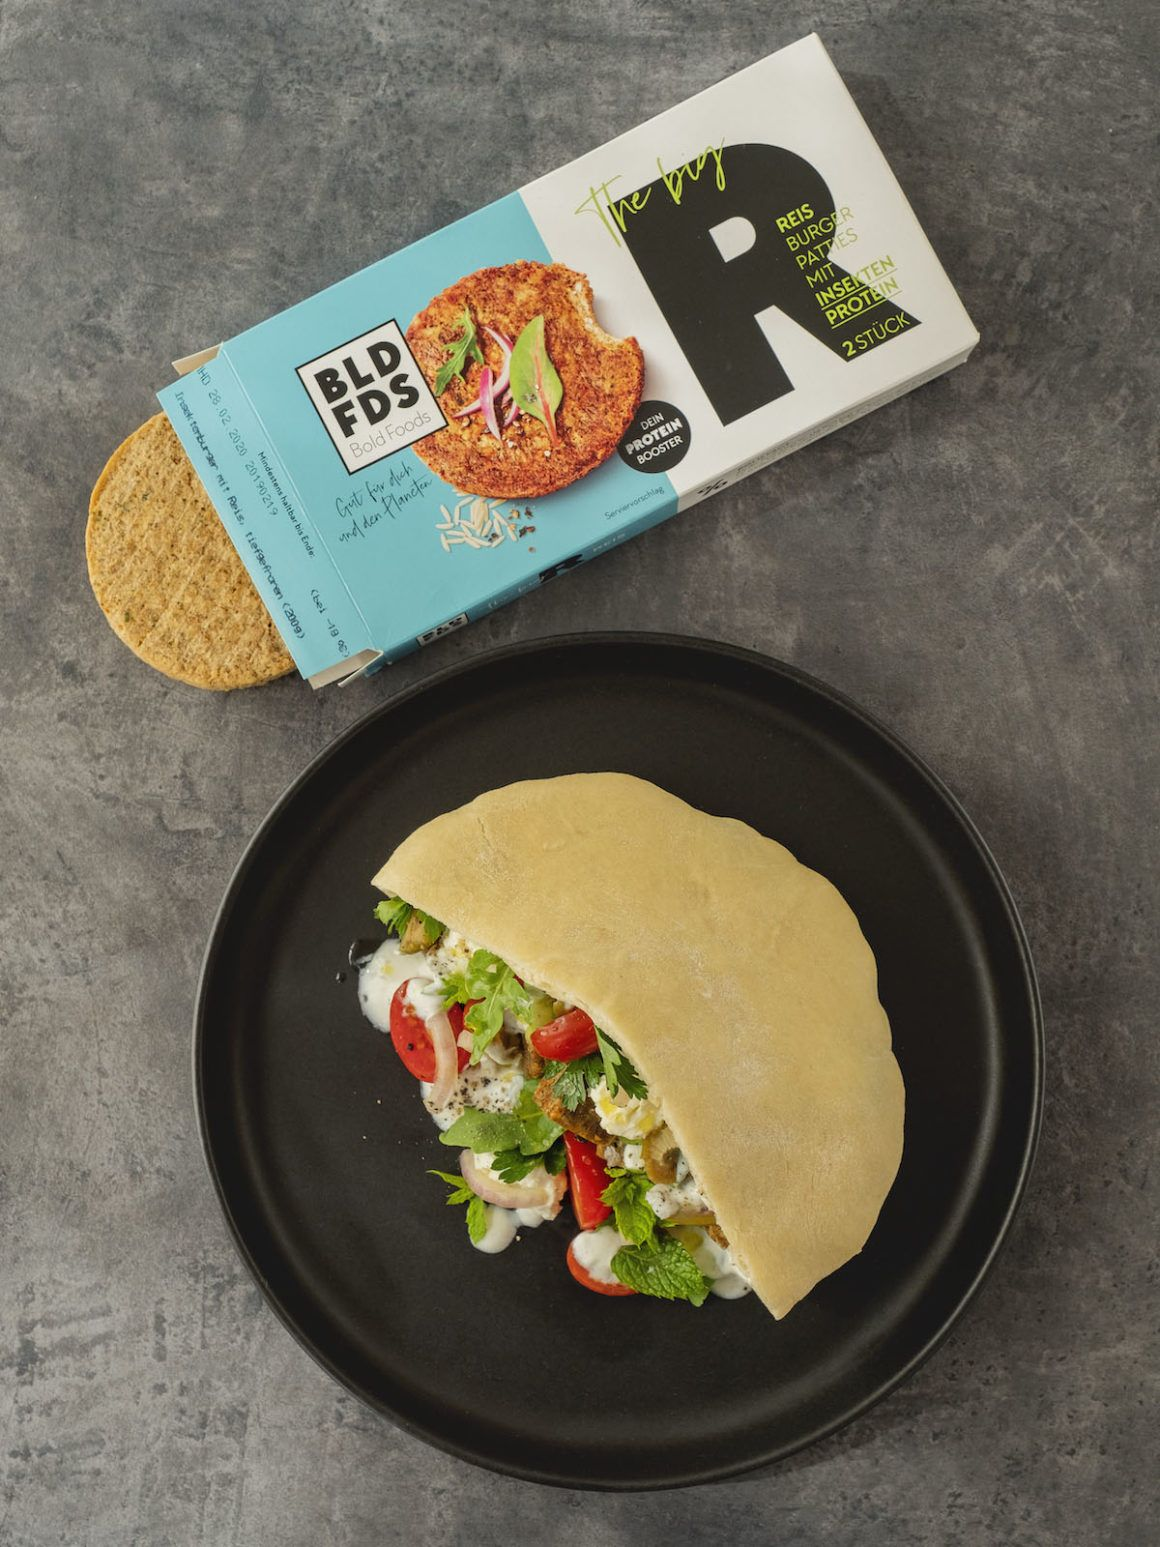 Foodblog, About Fuel, Rezept, Bold Foods The big R Knusperwürfel im Pitabrot mit griechischem Salat, Ruccola und Joghurt-Zitronen-Soße, Feta, Zwiebeln, Petersilie